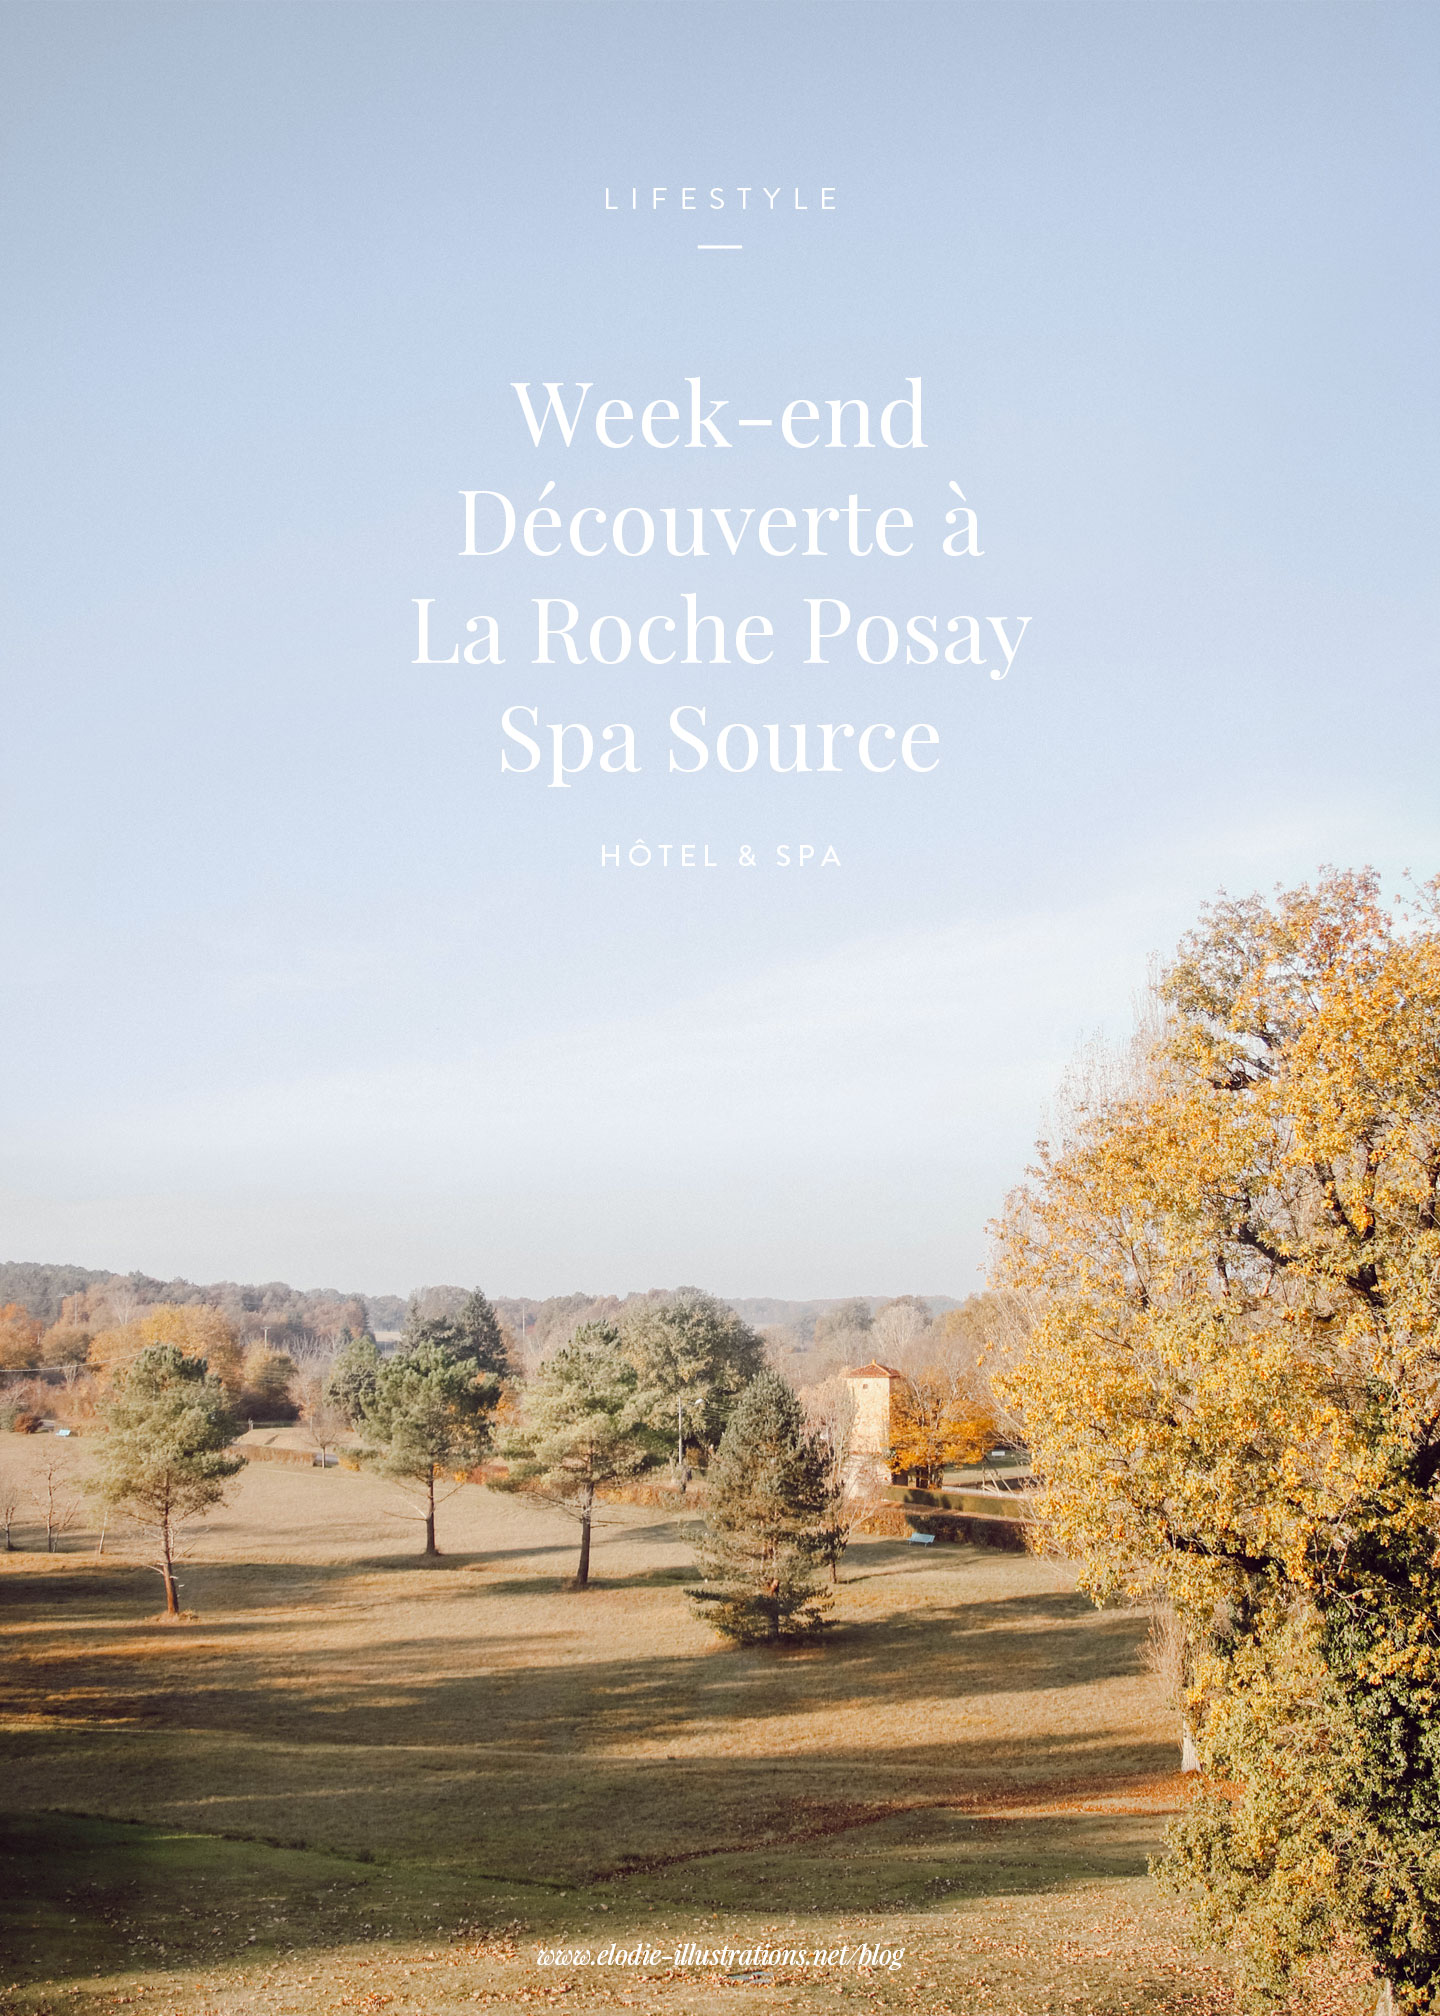 Week-end découverte à la Roche Posay Spa Source | Cliquez pour découvrir l'article